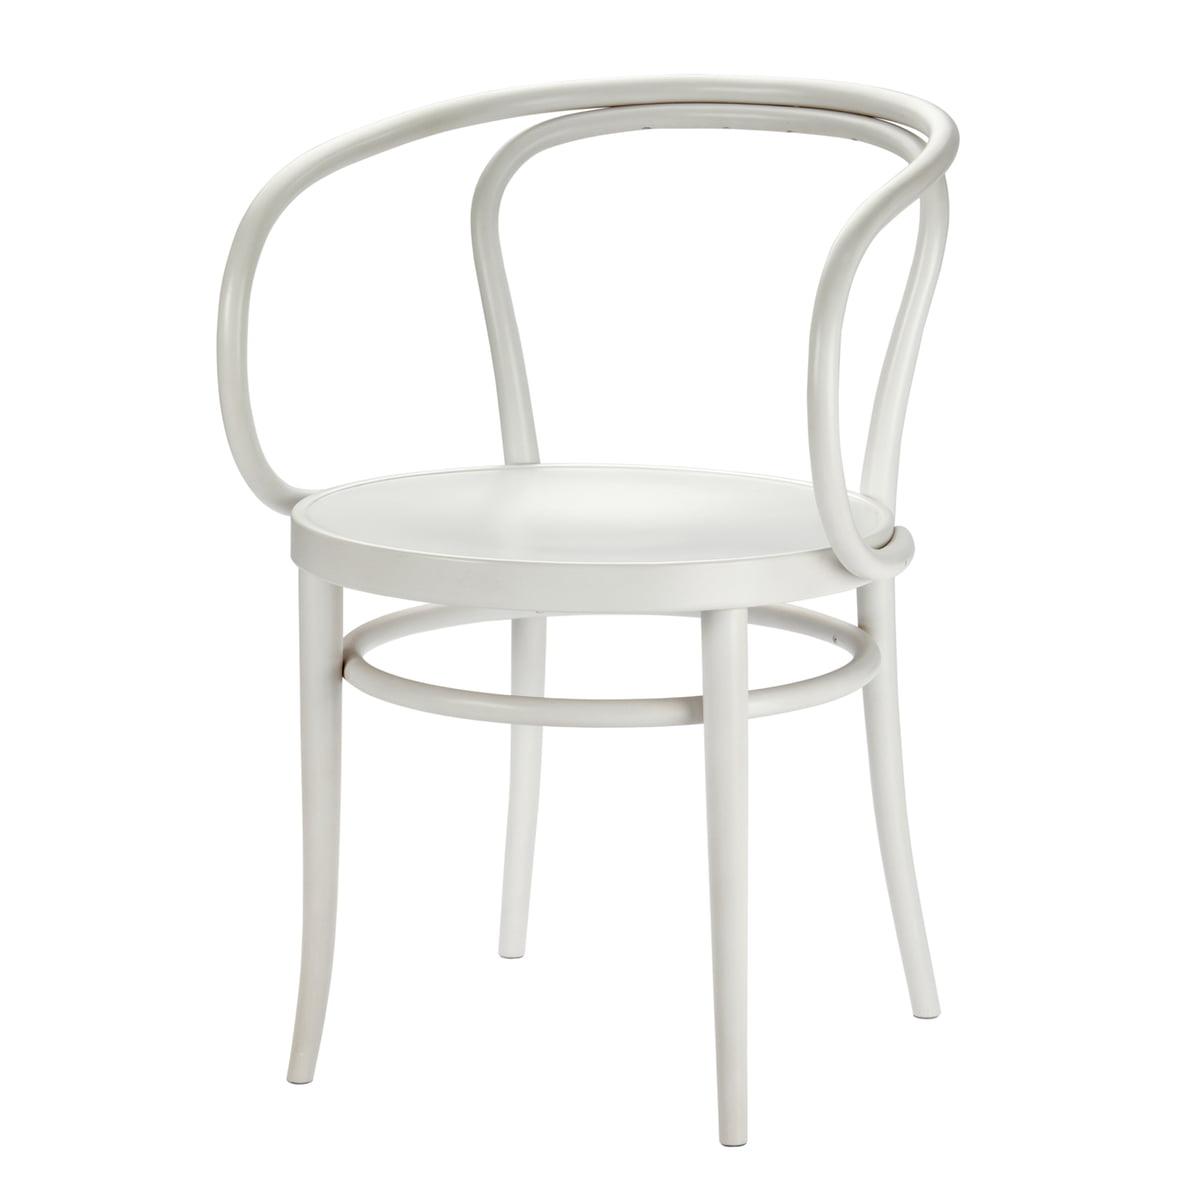 209 bugholzstuhl von thonet. Black Bedroom Furniture Sets. Home Design Ideas